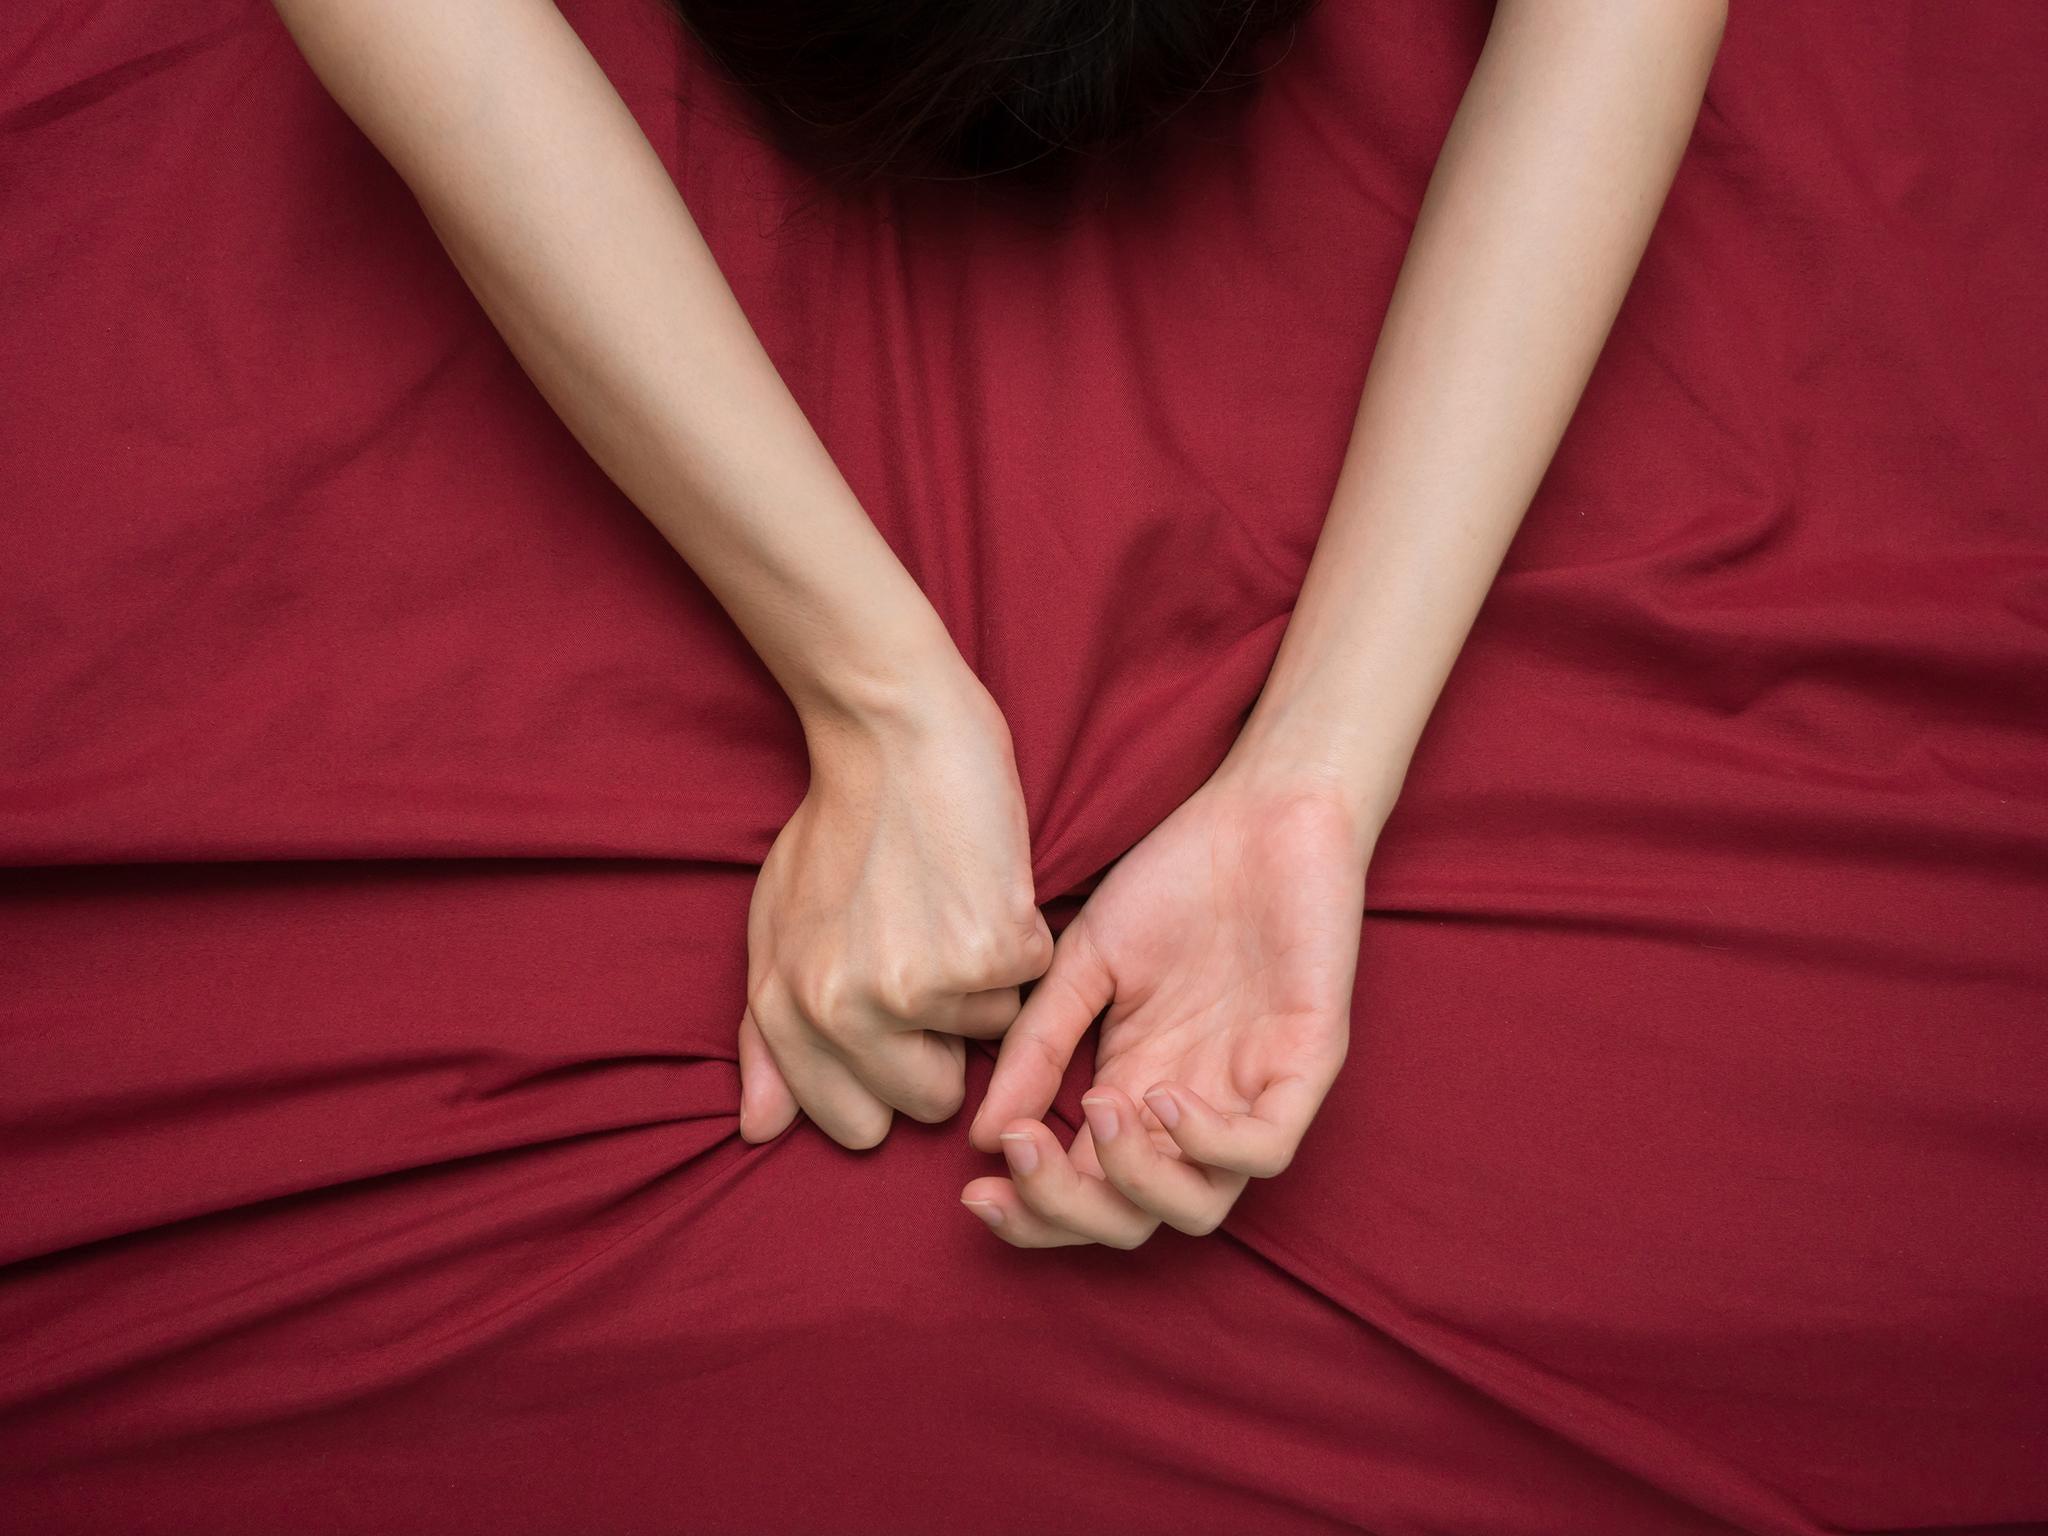 Anorgasmia Gli effetti devastanti sul singolo e sulla coppia | Psicologo Sessuologo Rimini Riccione Cattolica Forli Cesena Dott.ssa Roberta Calvi